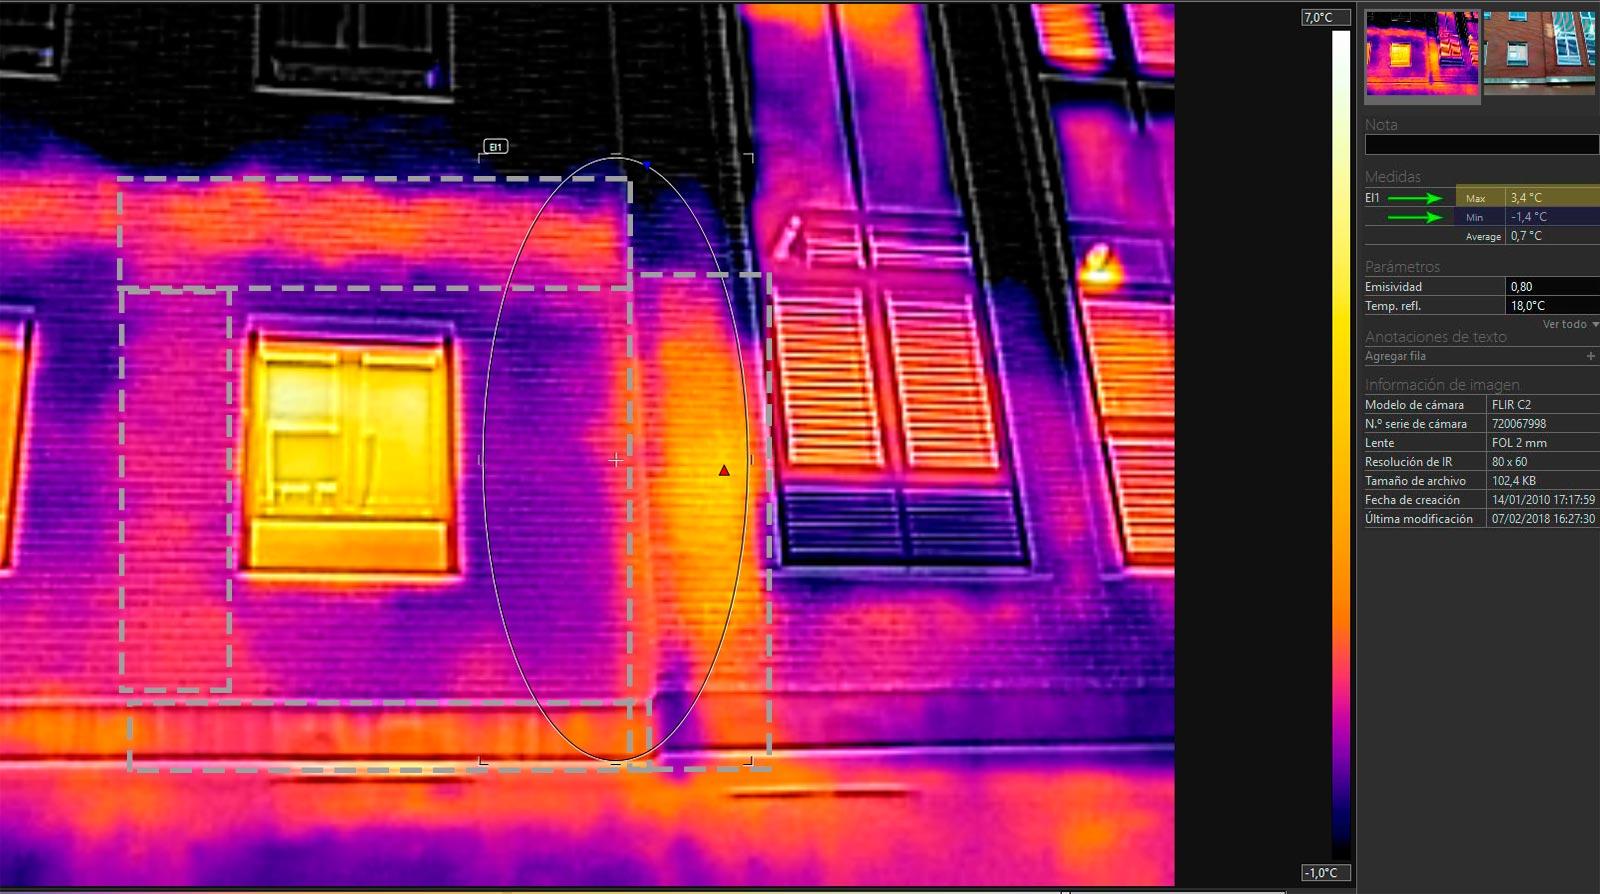 Foto exterior de las fugas de calor ocasionadas por los puentes térmicos